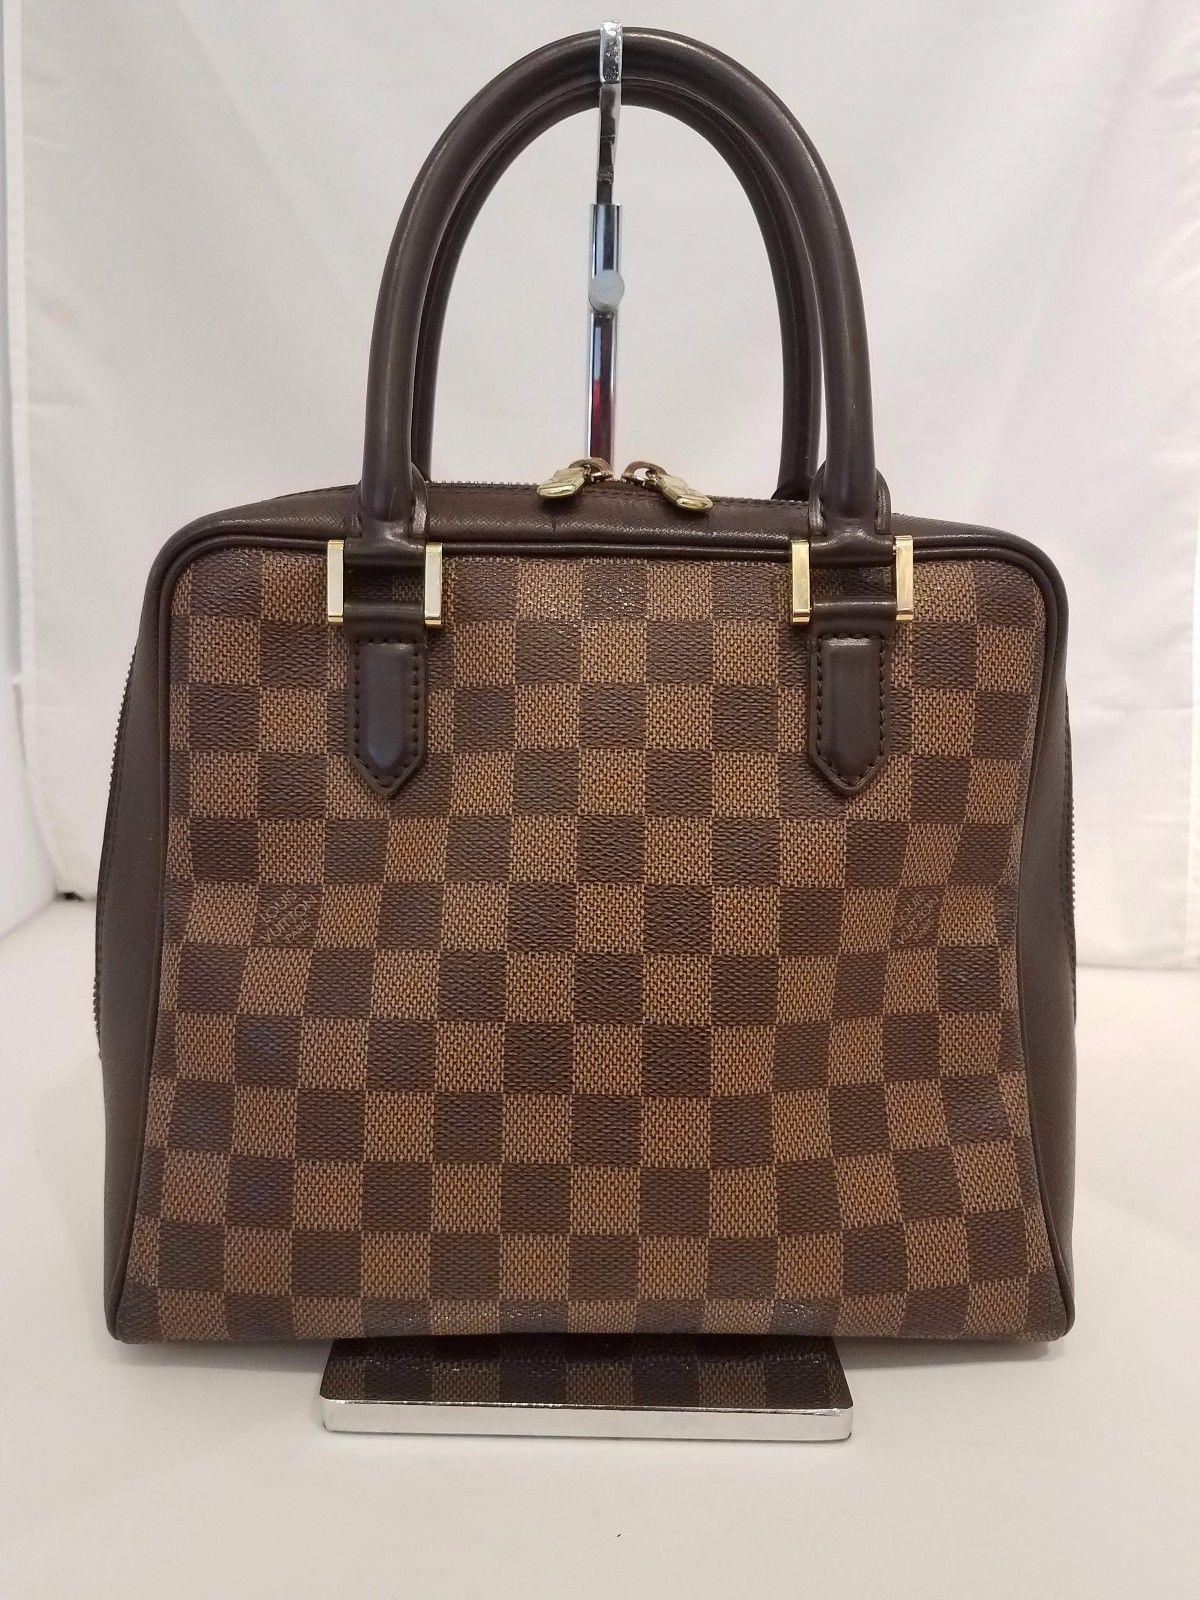 Louis Vuitton Damier Ebene Canvas Brera Handbag 514 0